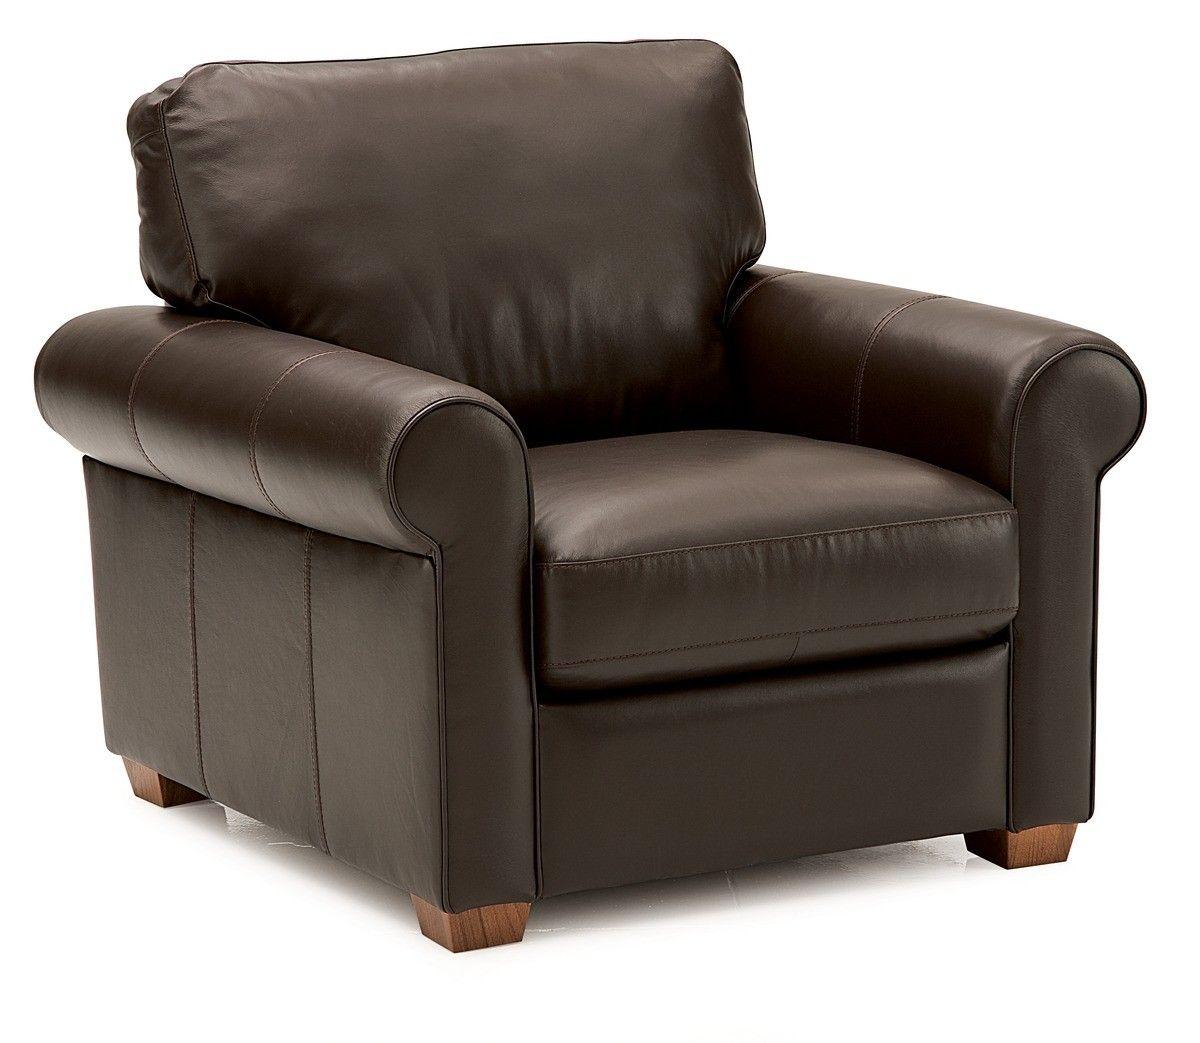 Magnum Armchair In Tulsa Ii Dark Brown Leather Grade 1000 Palliser Furniture Furniture Chair